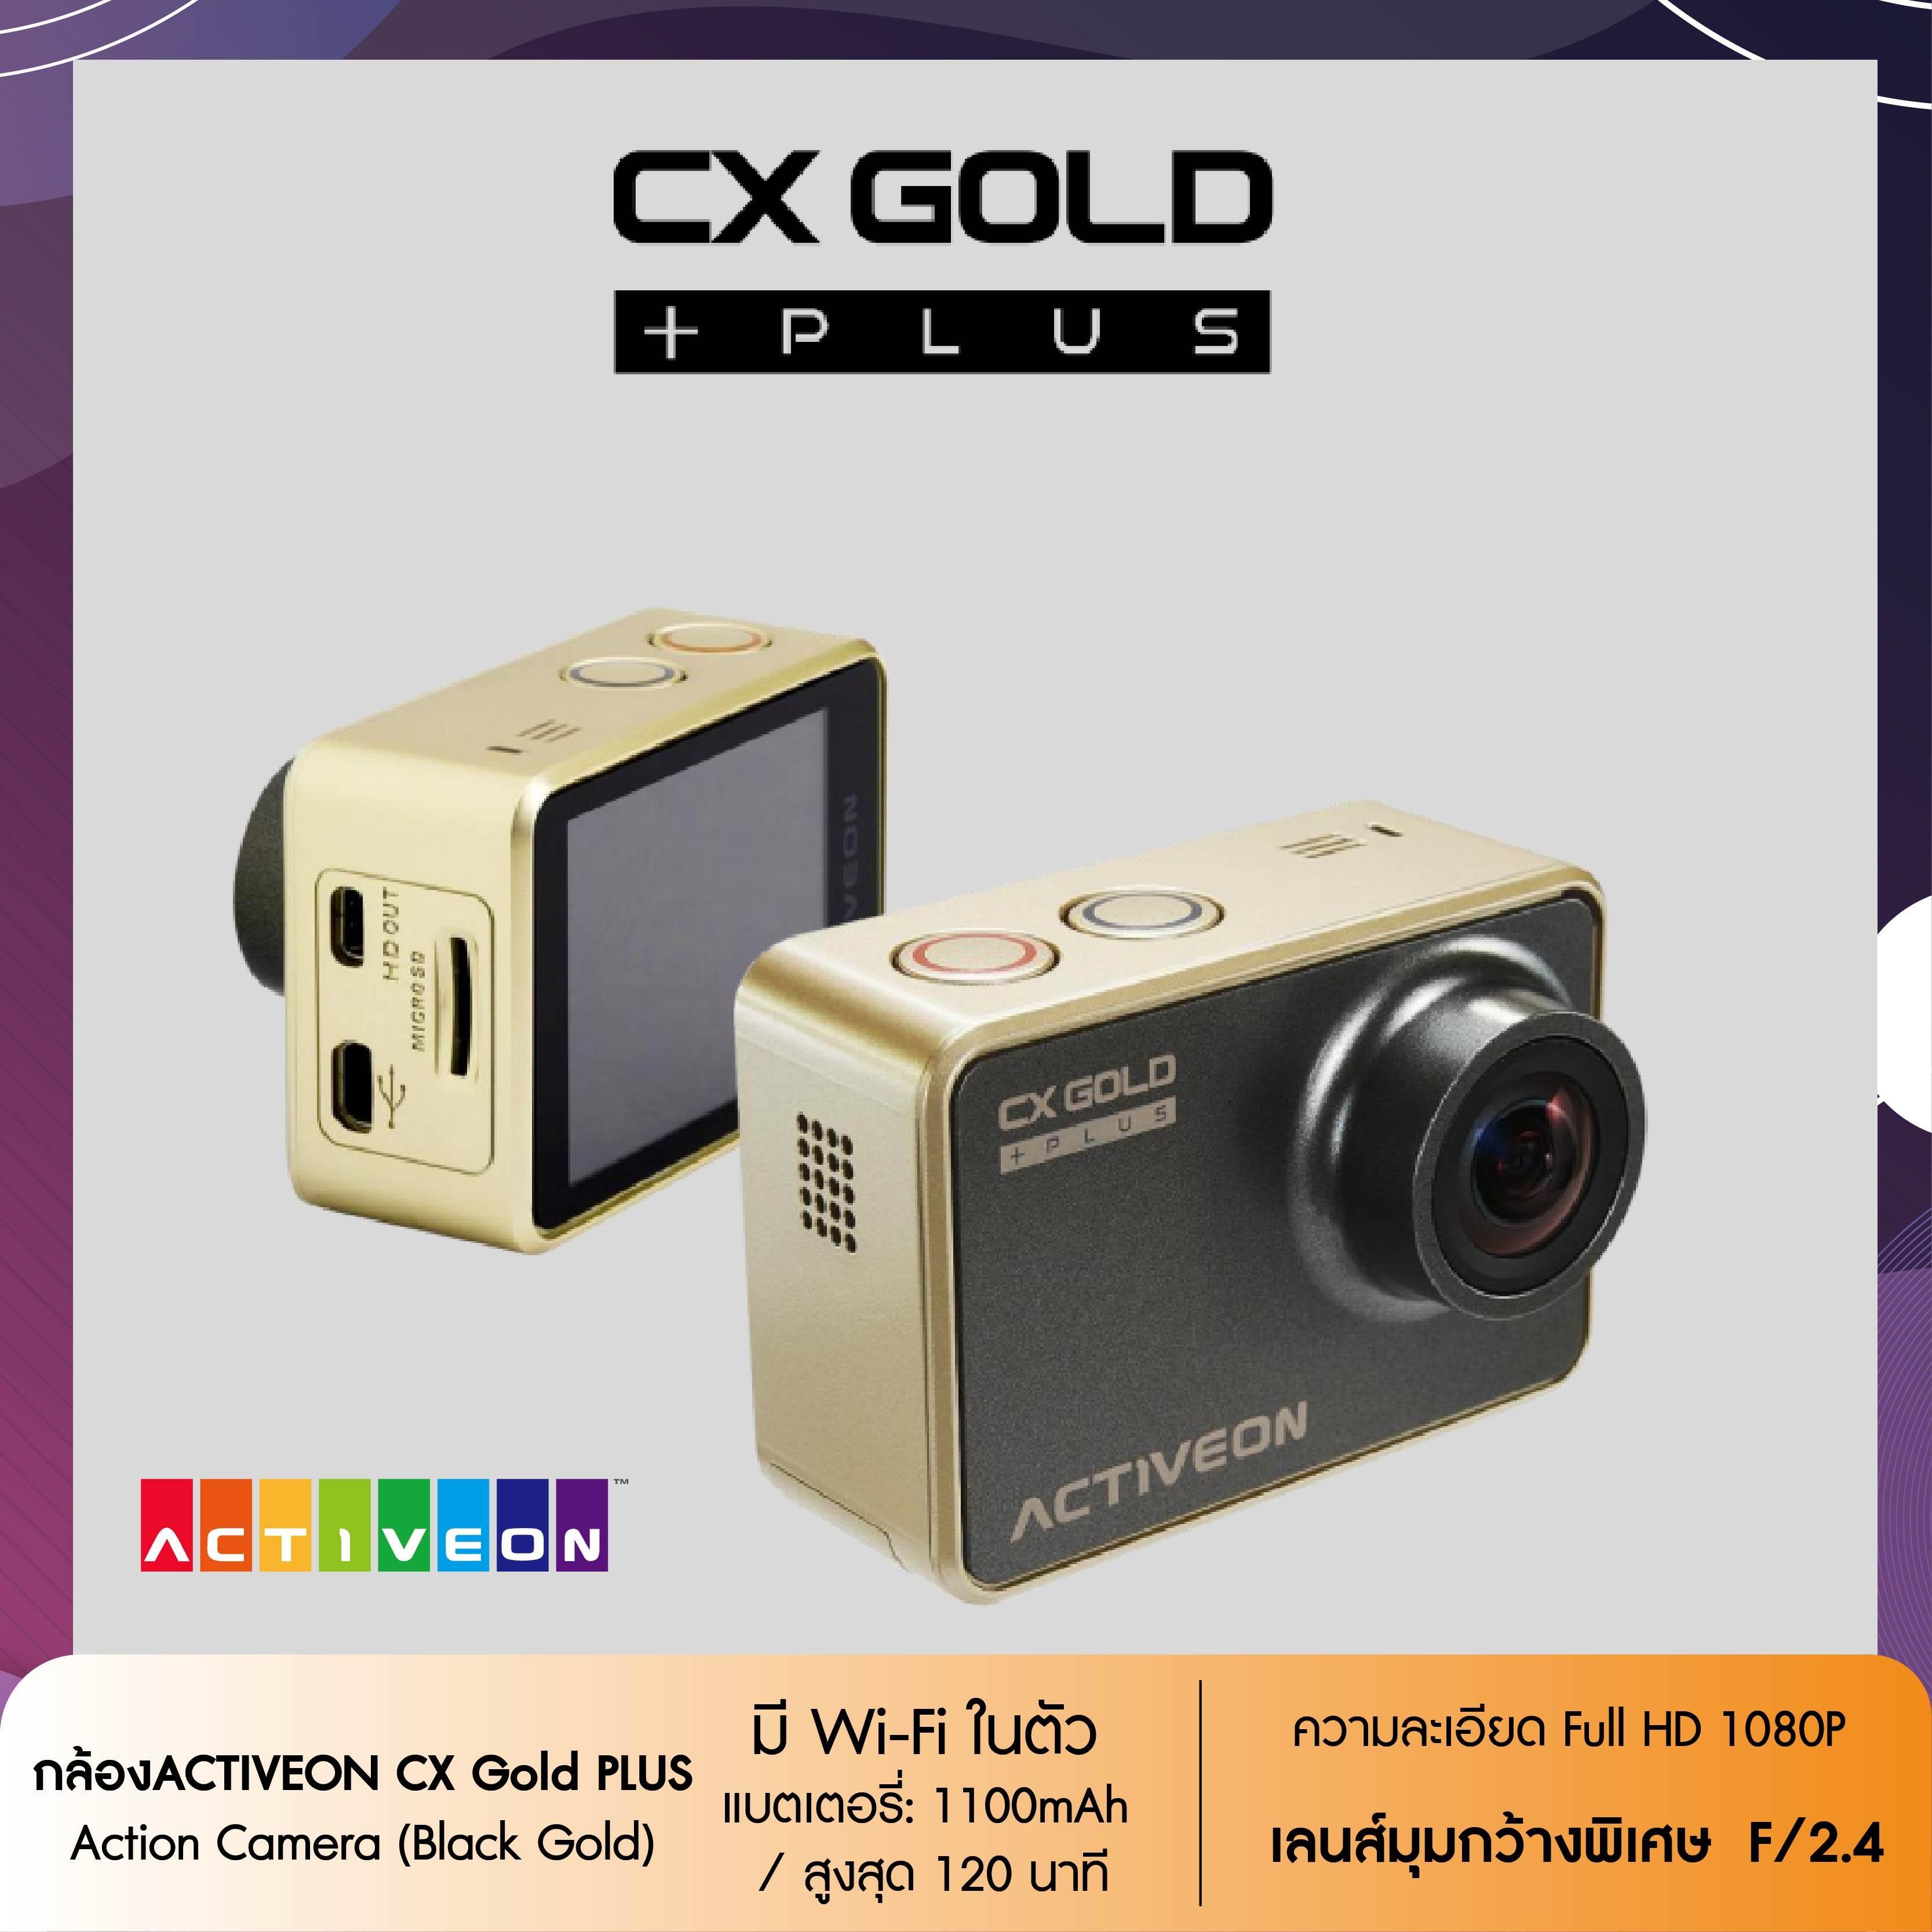 กล้องกันน้ำ Activeon Cx Gold Plus มีwi-Fiในตัว.